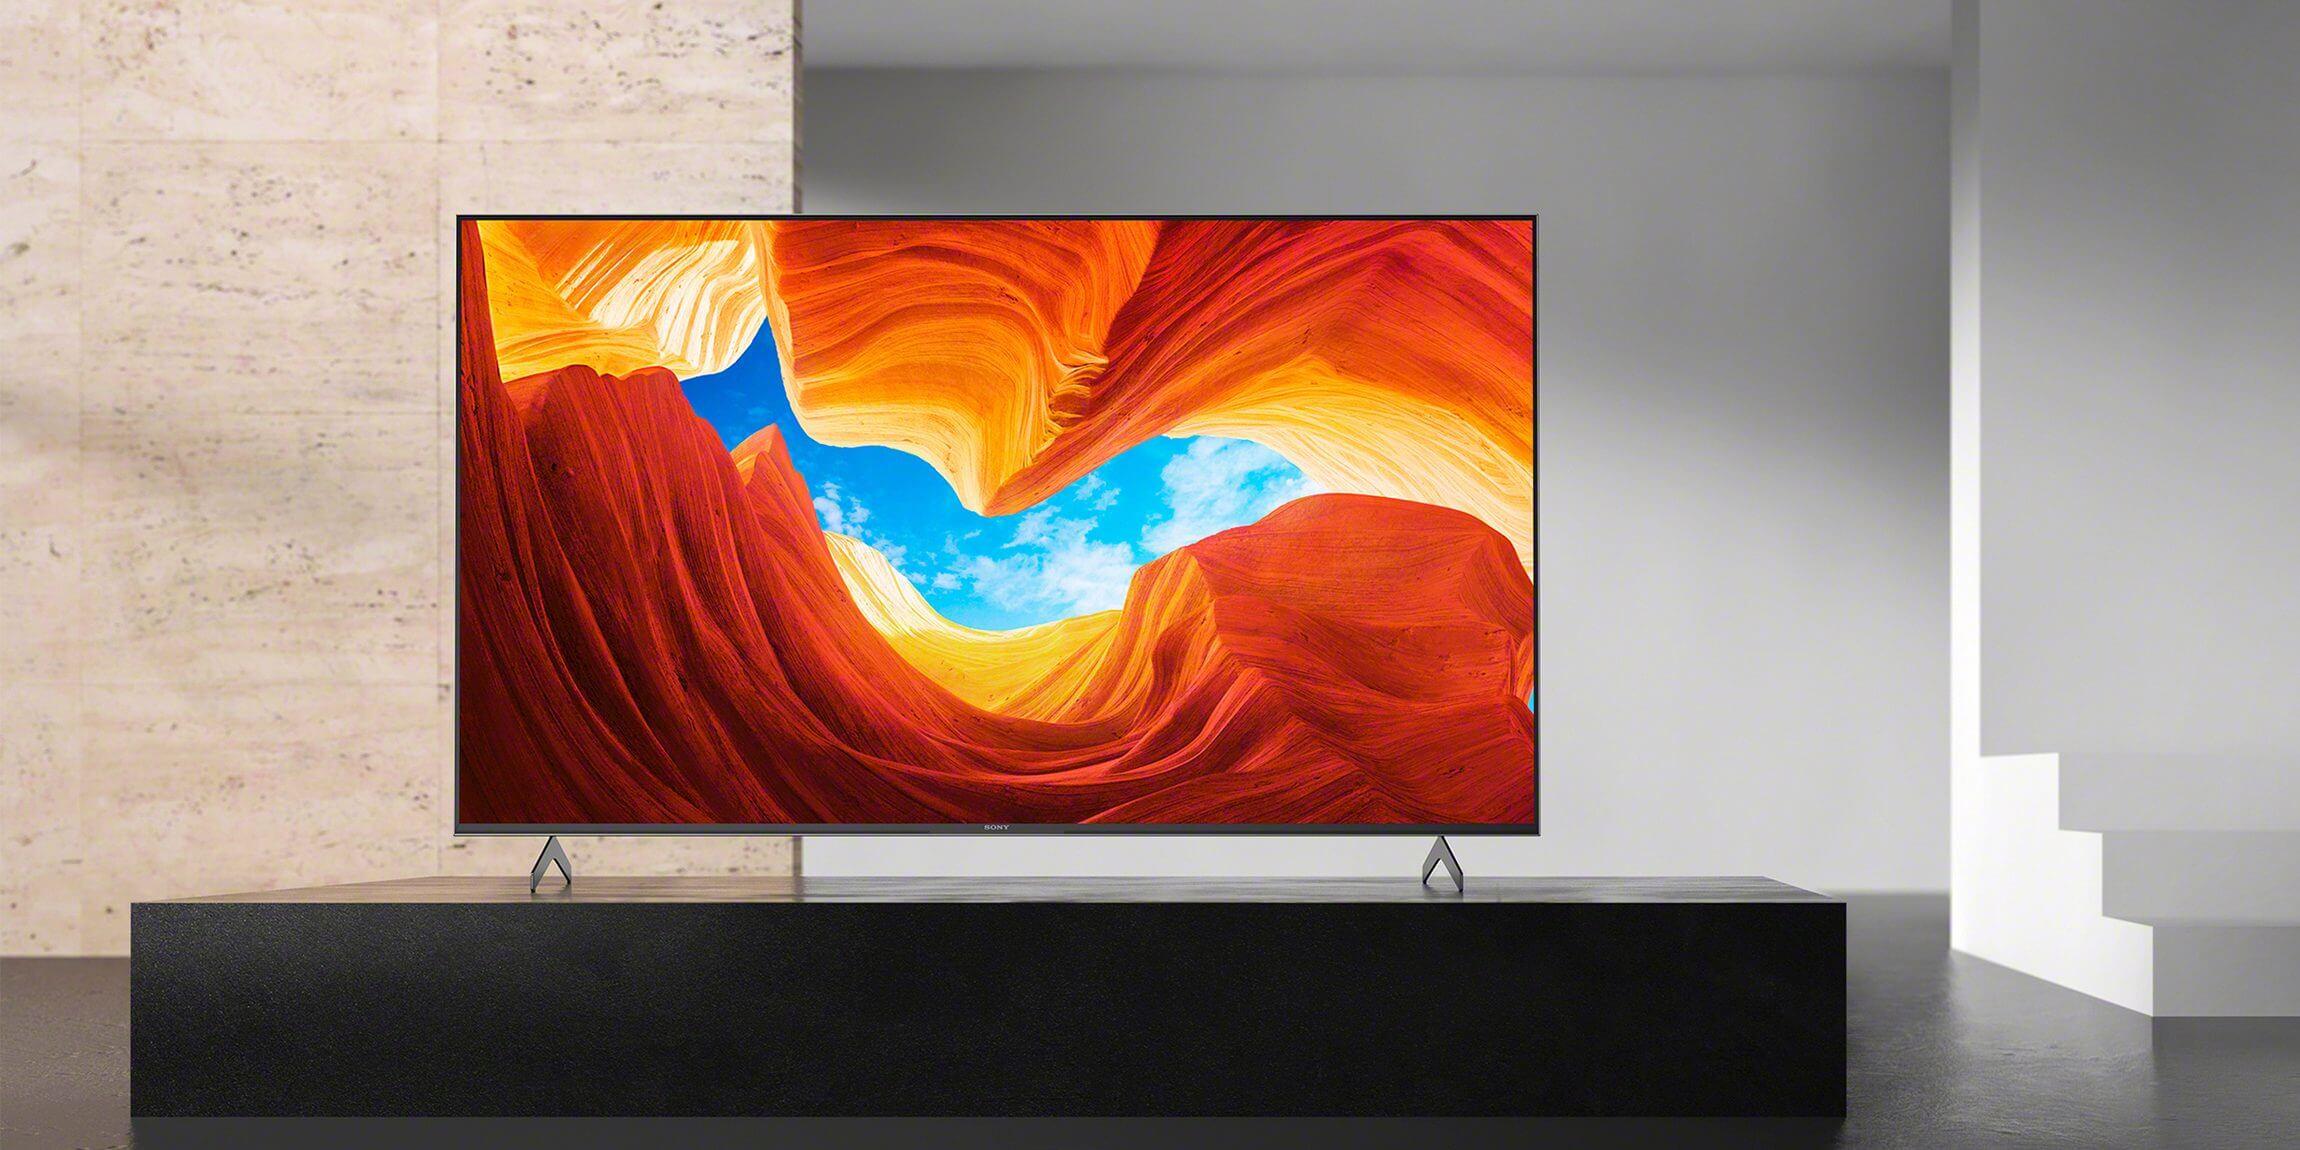 Телевизоры Sony получают приложение Apple TV с сегодняшнего дня